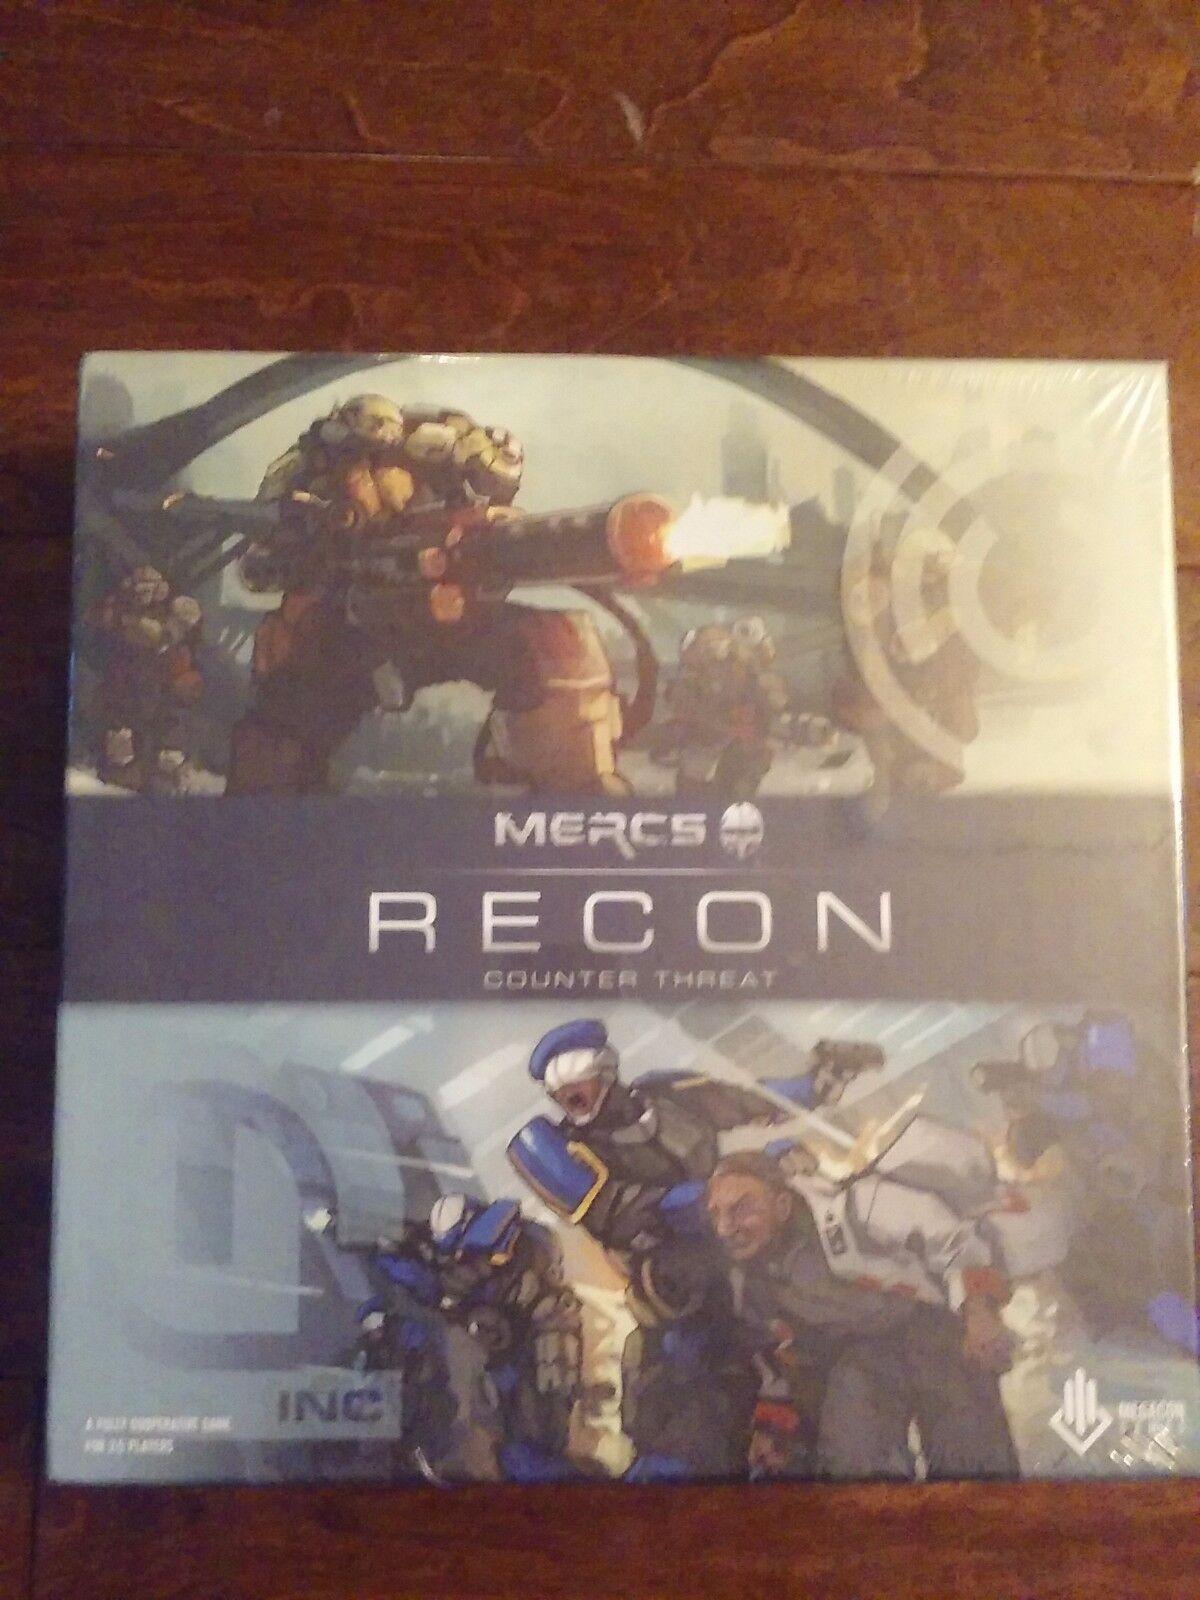 nuovo MERCS Recon - Counter Threat  tavola gioco FACTORY SEALED  marche online vendita a basso costo